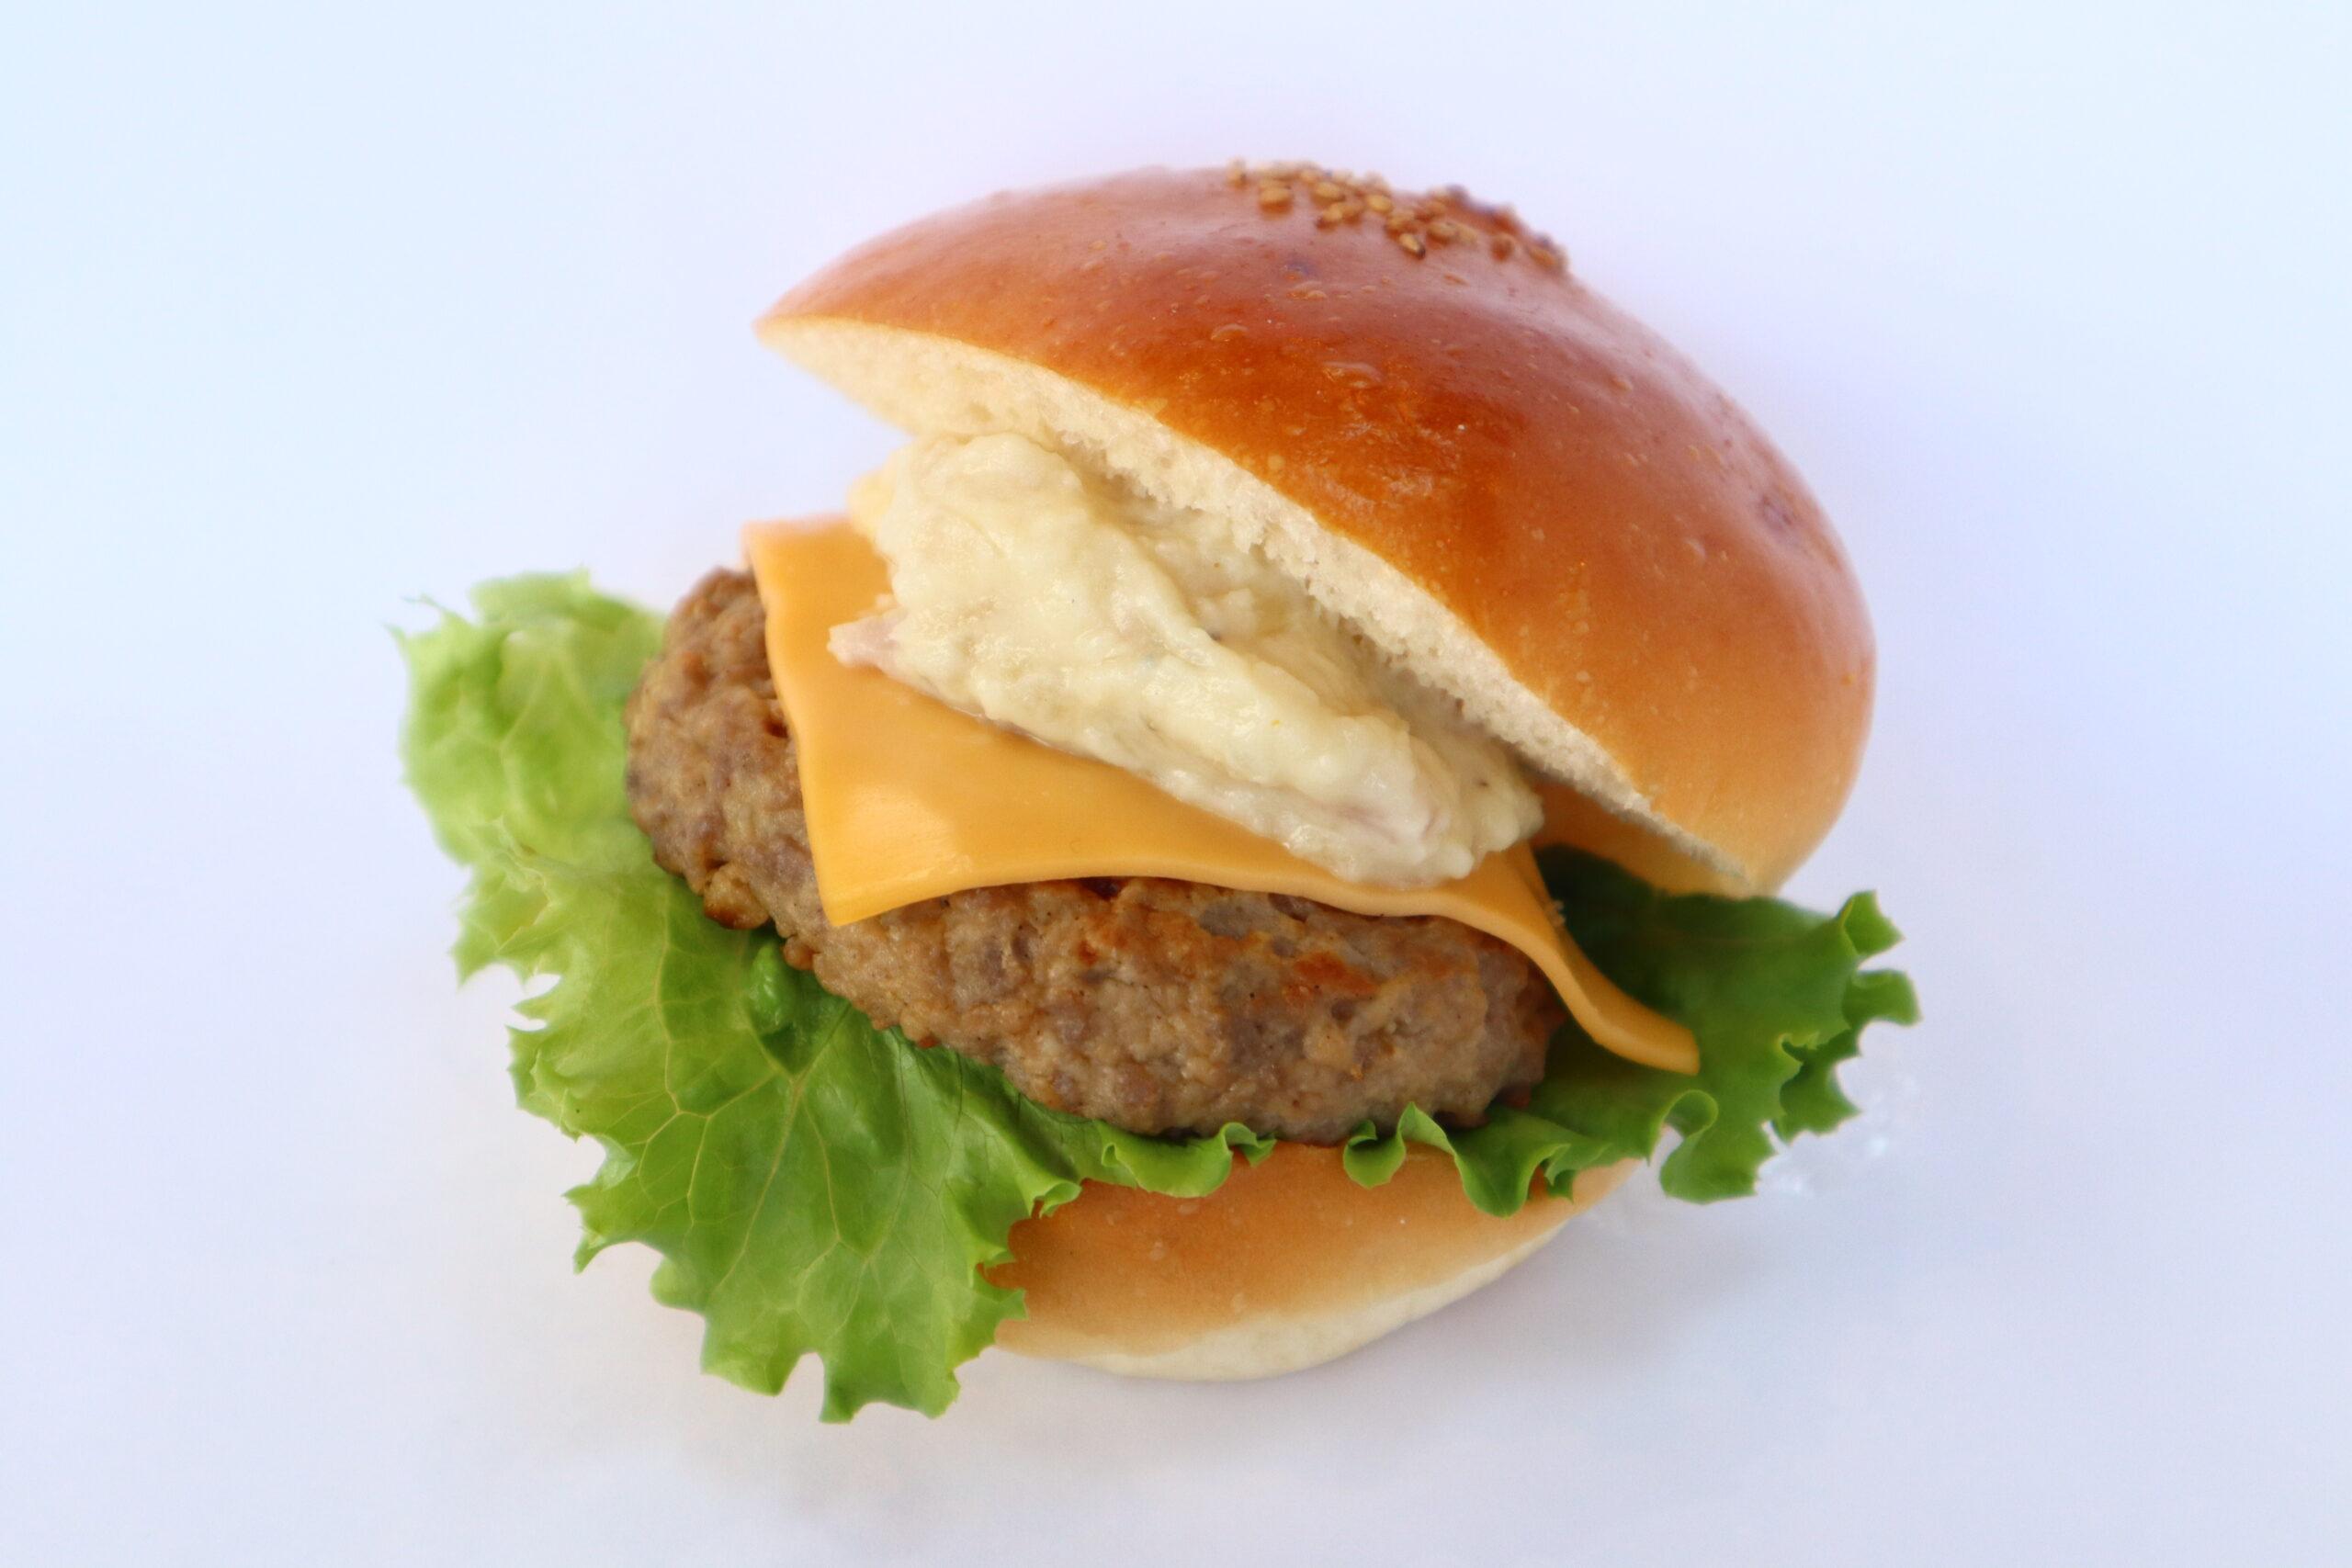 ポテグラハンバーガー【期間限定】